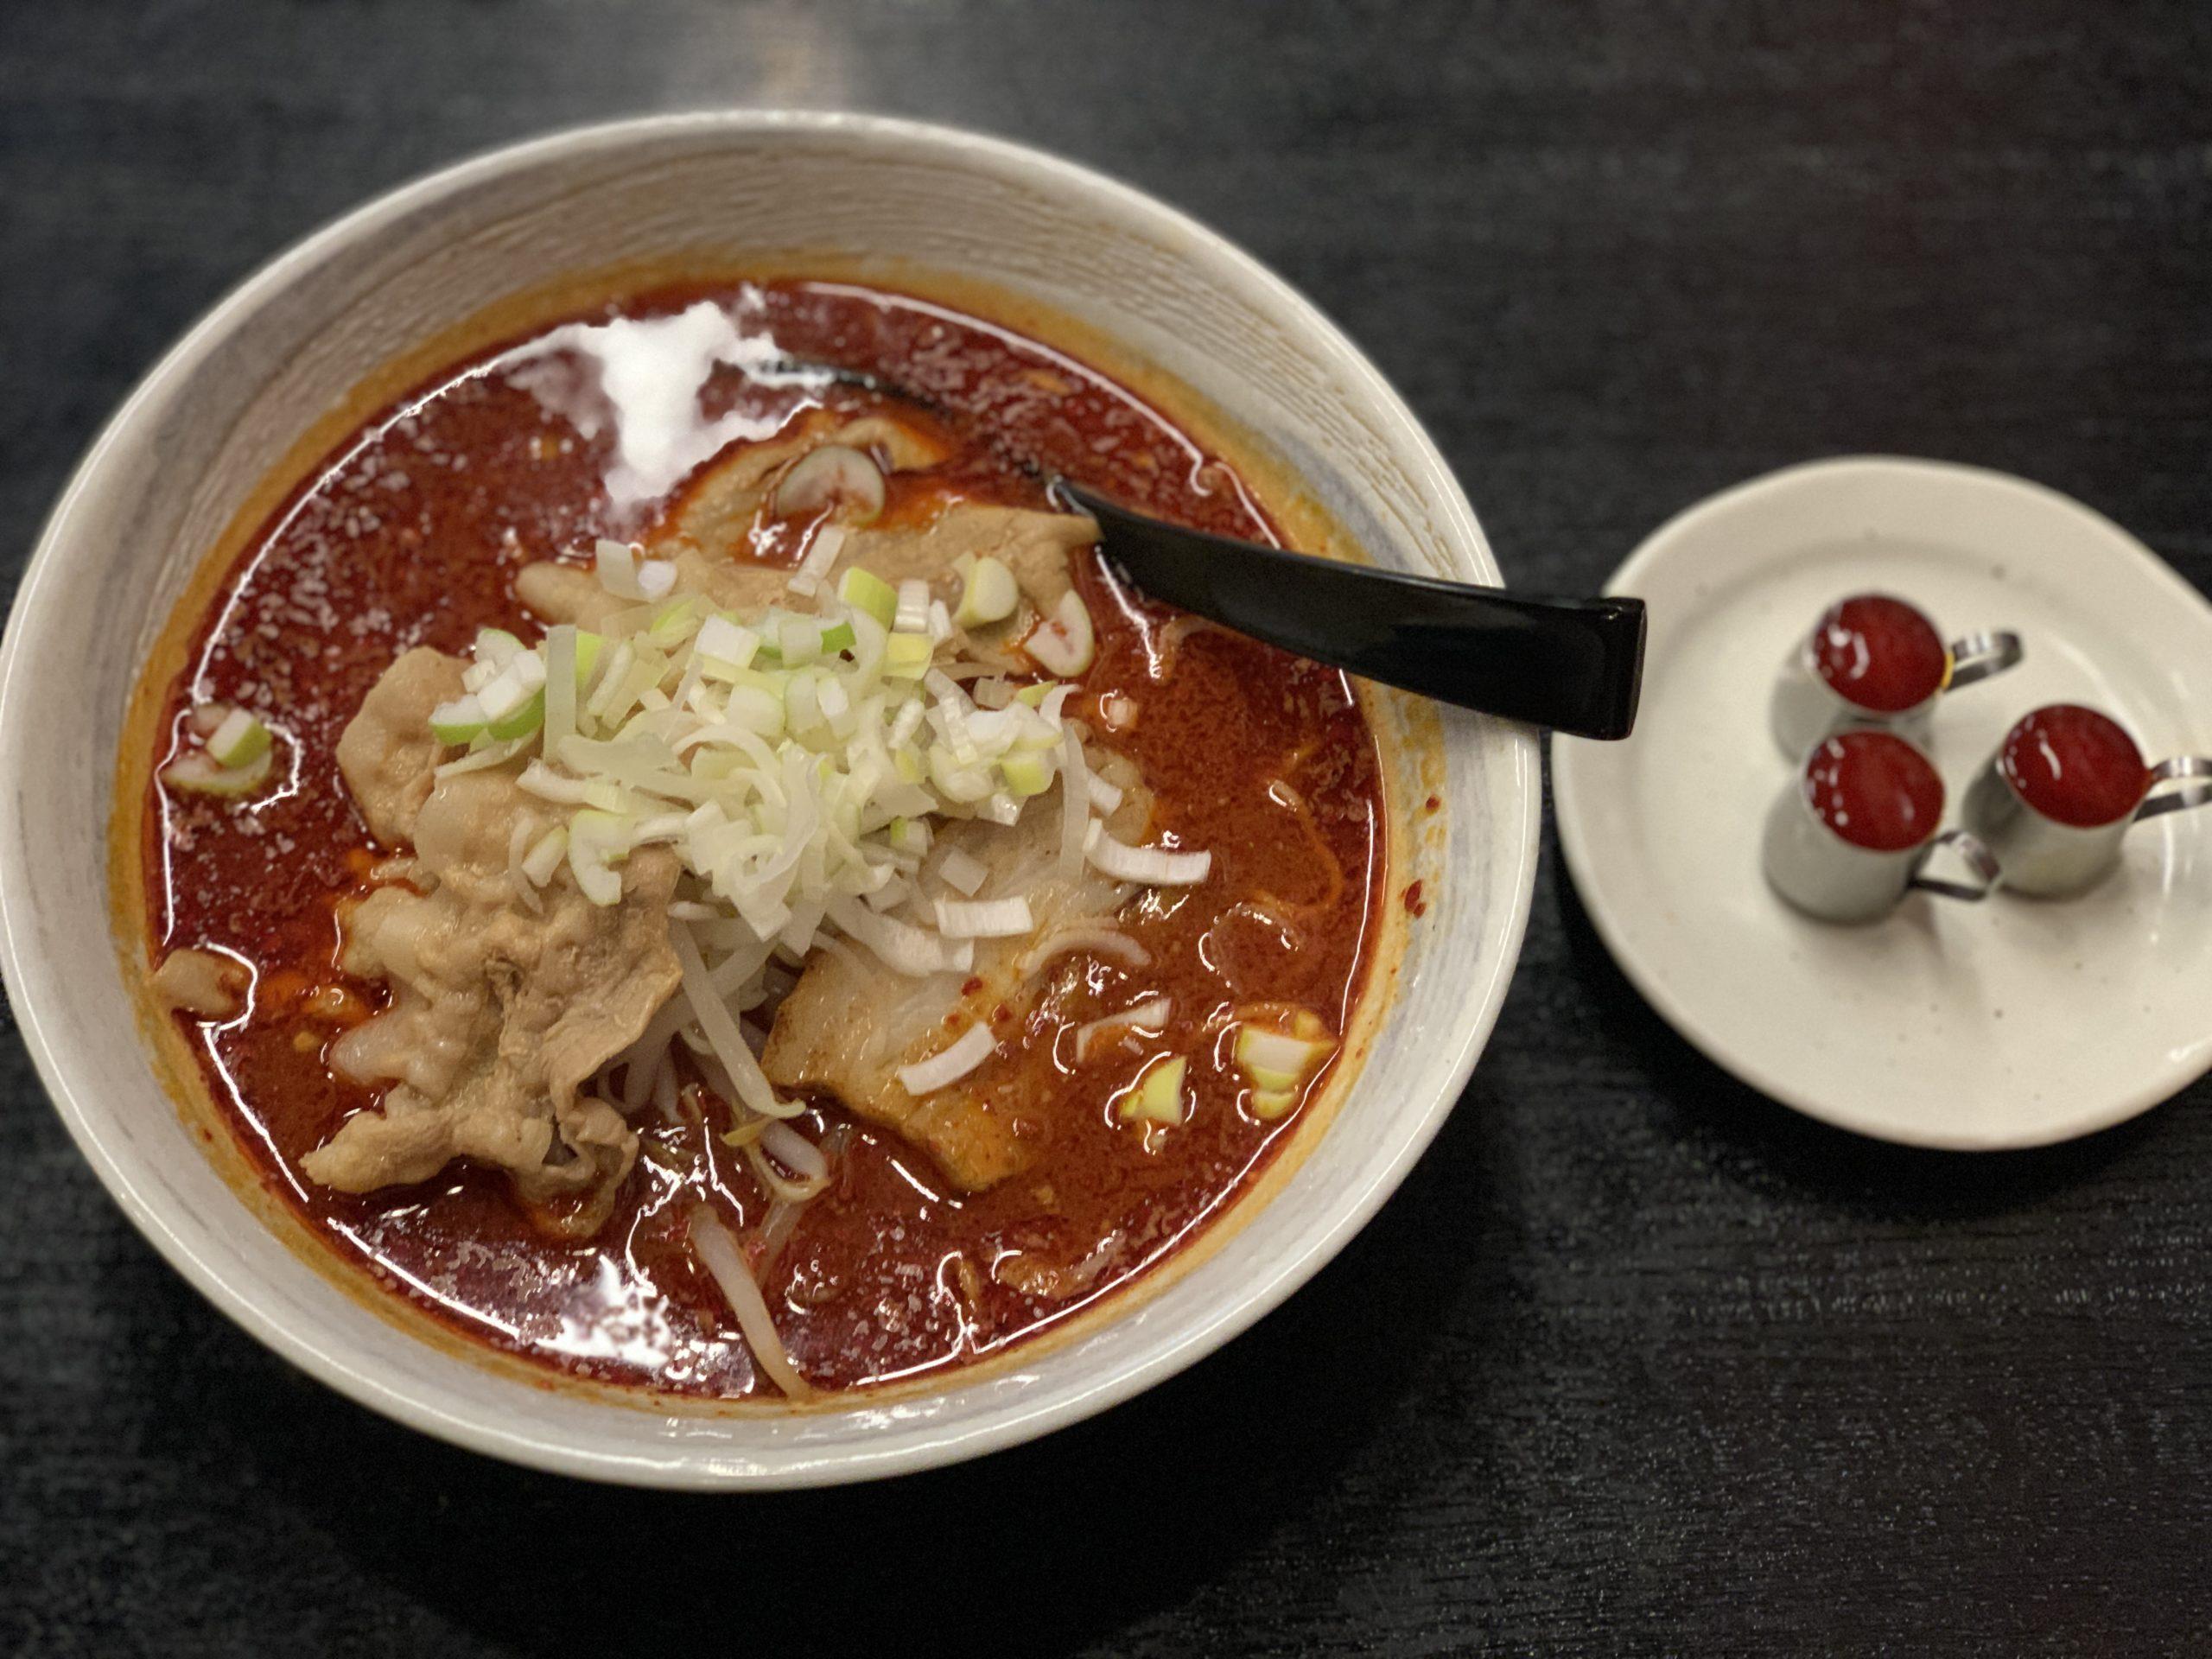 超激辛カプサイシンソース使用!『大噴火麺マグマ3』が死ぬほど辛過ぎた。